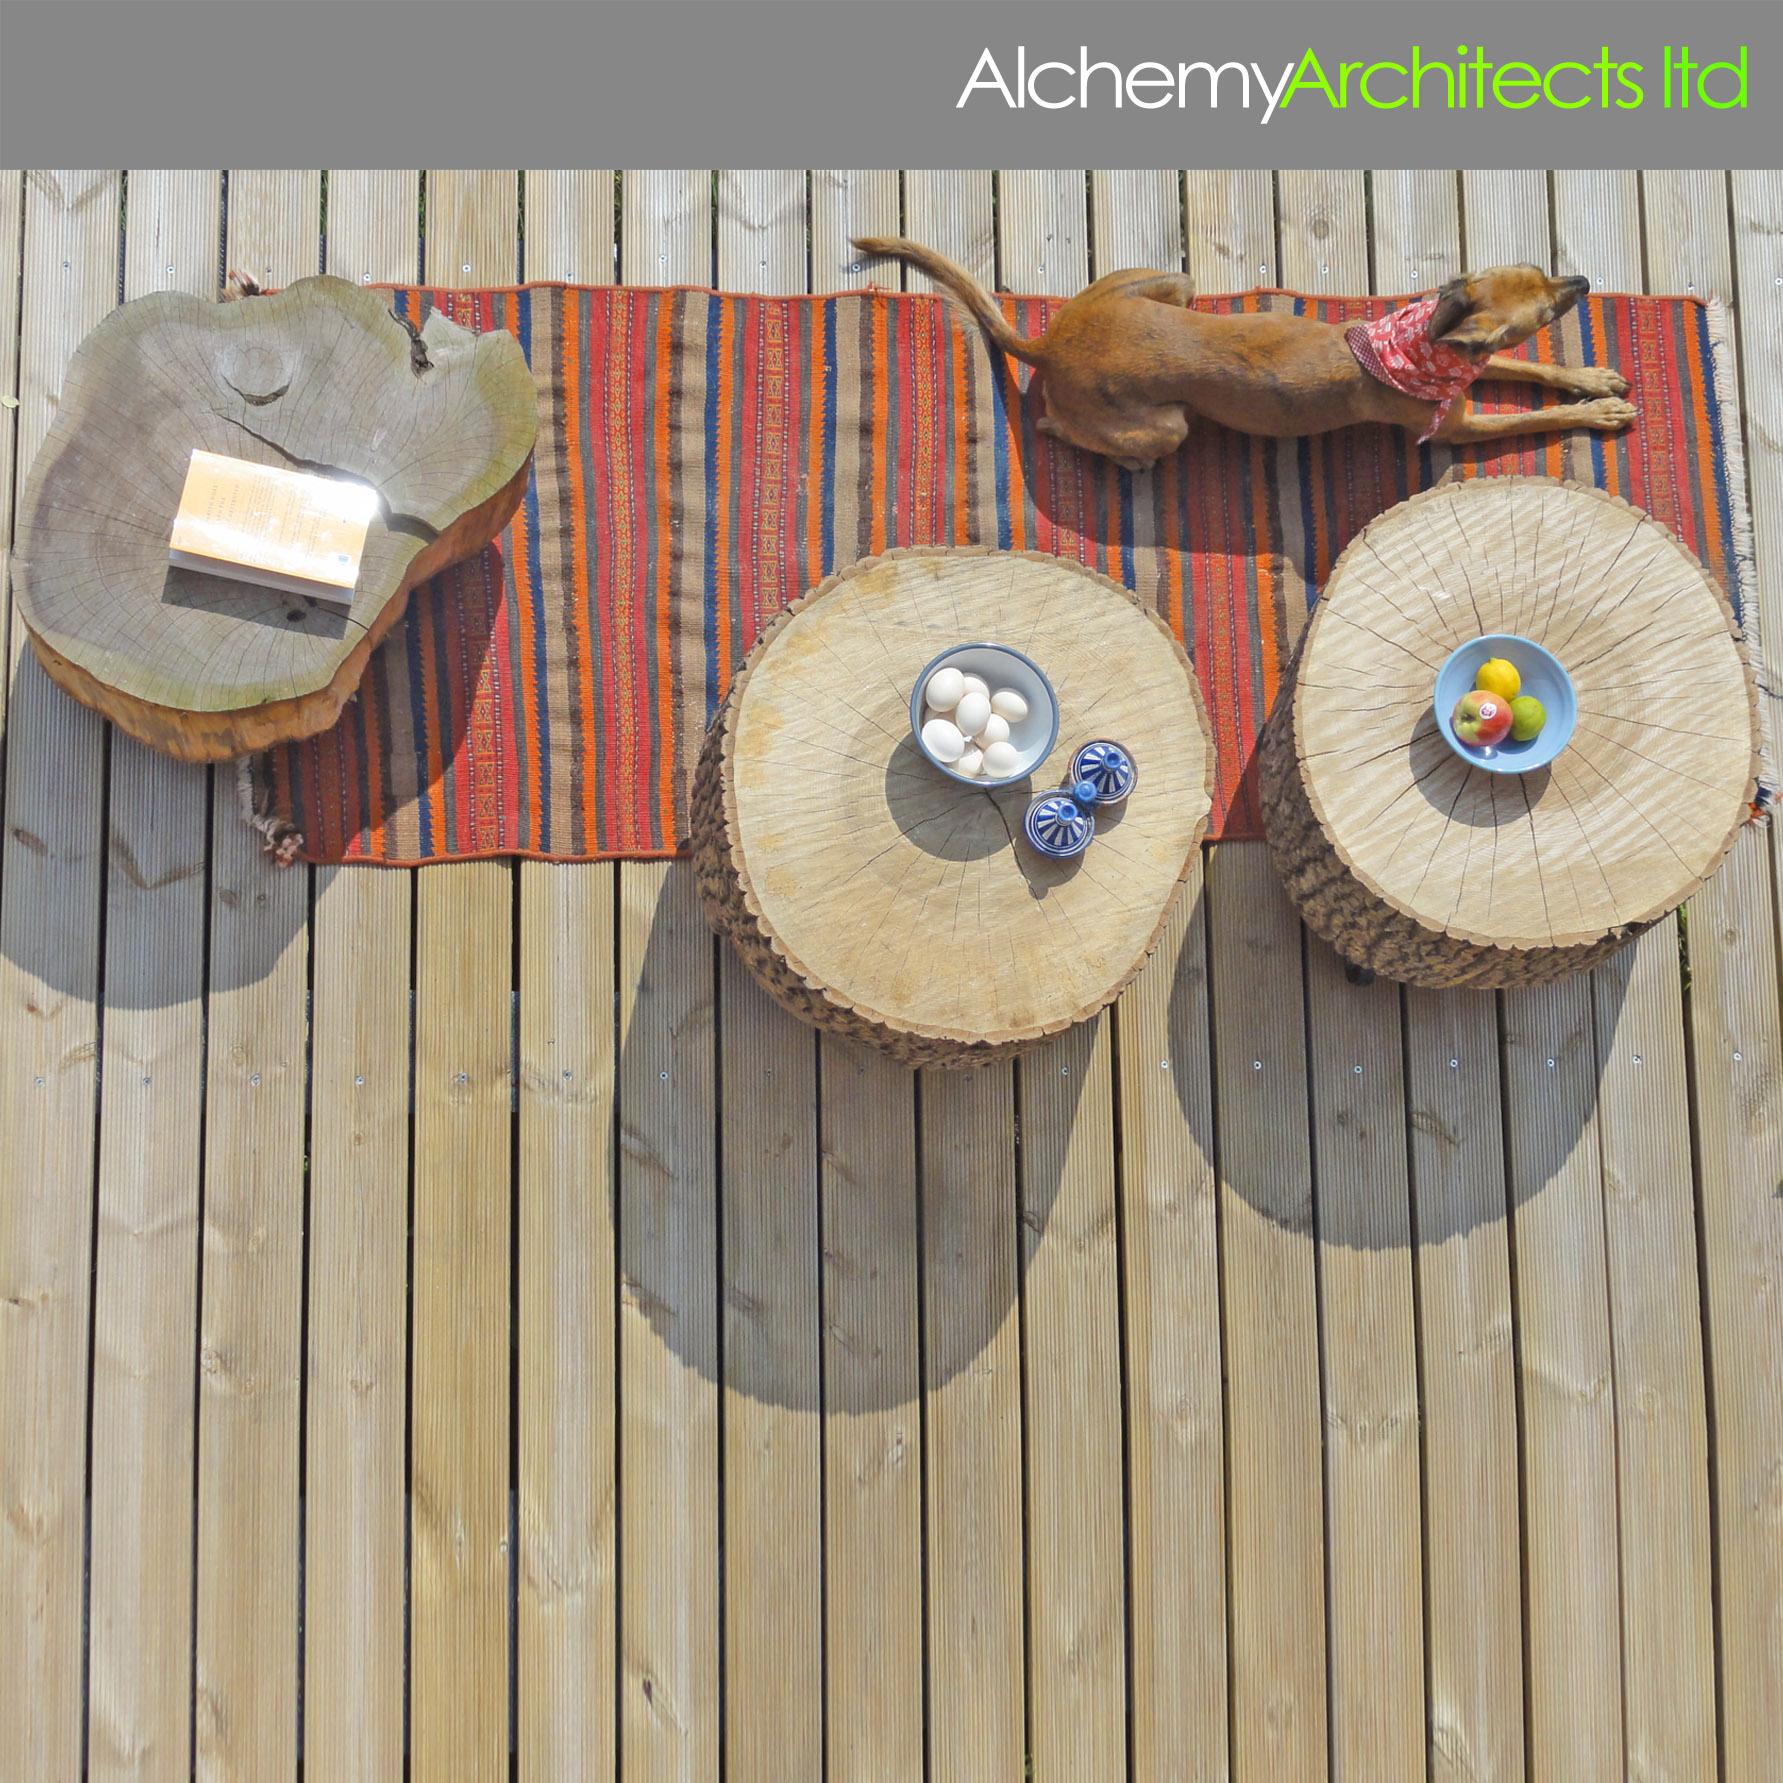 log tables on deck.jpg